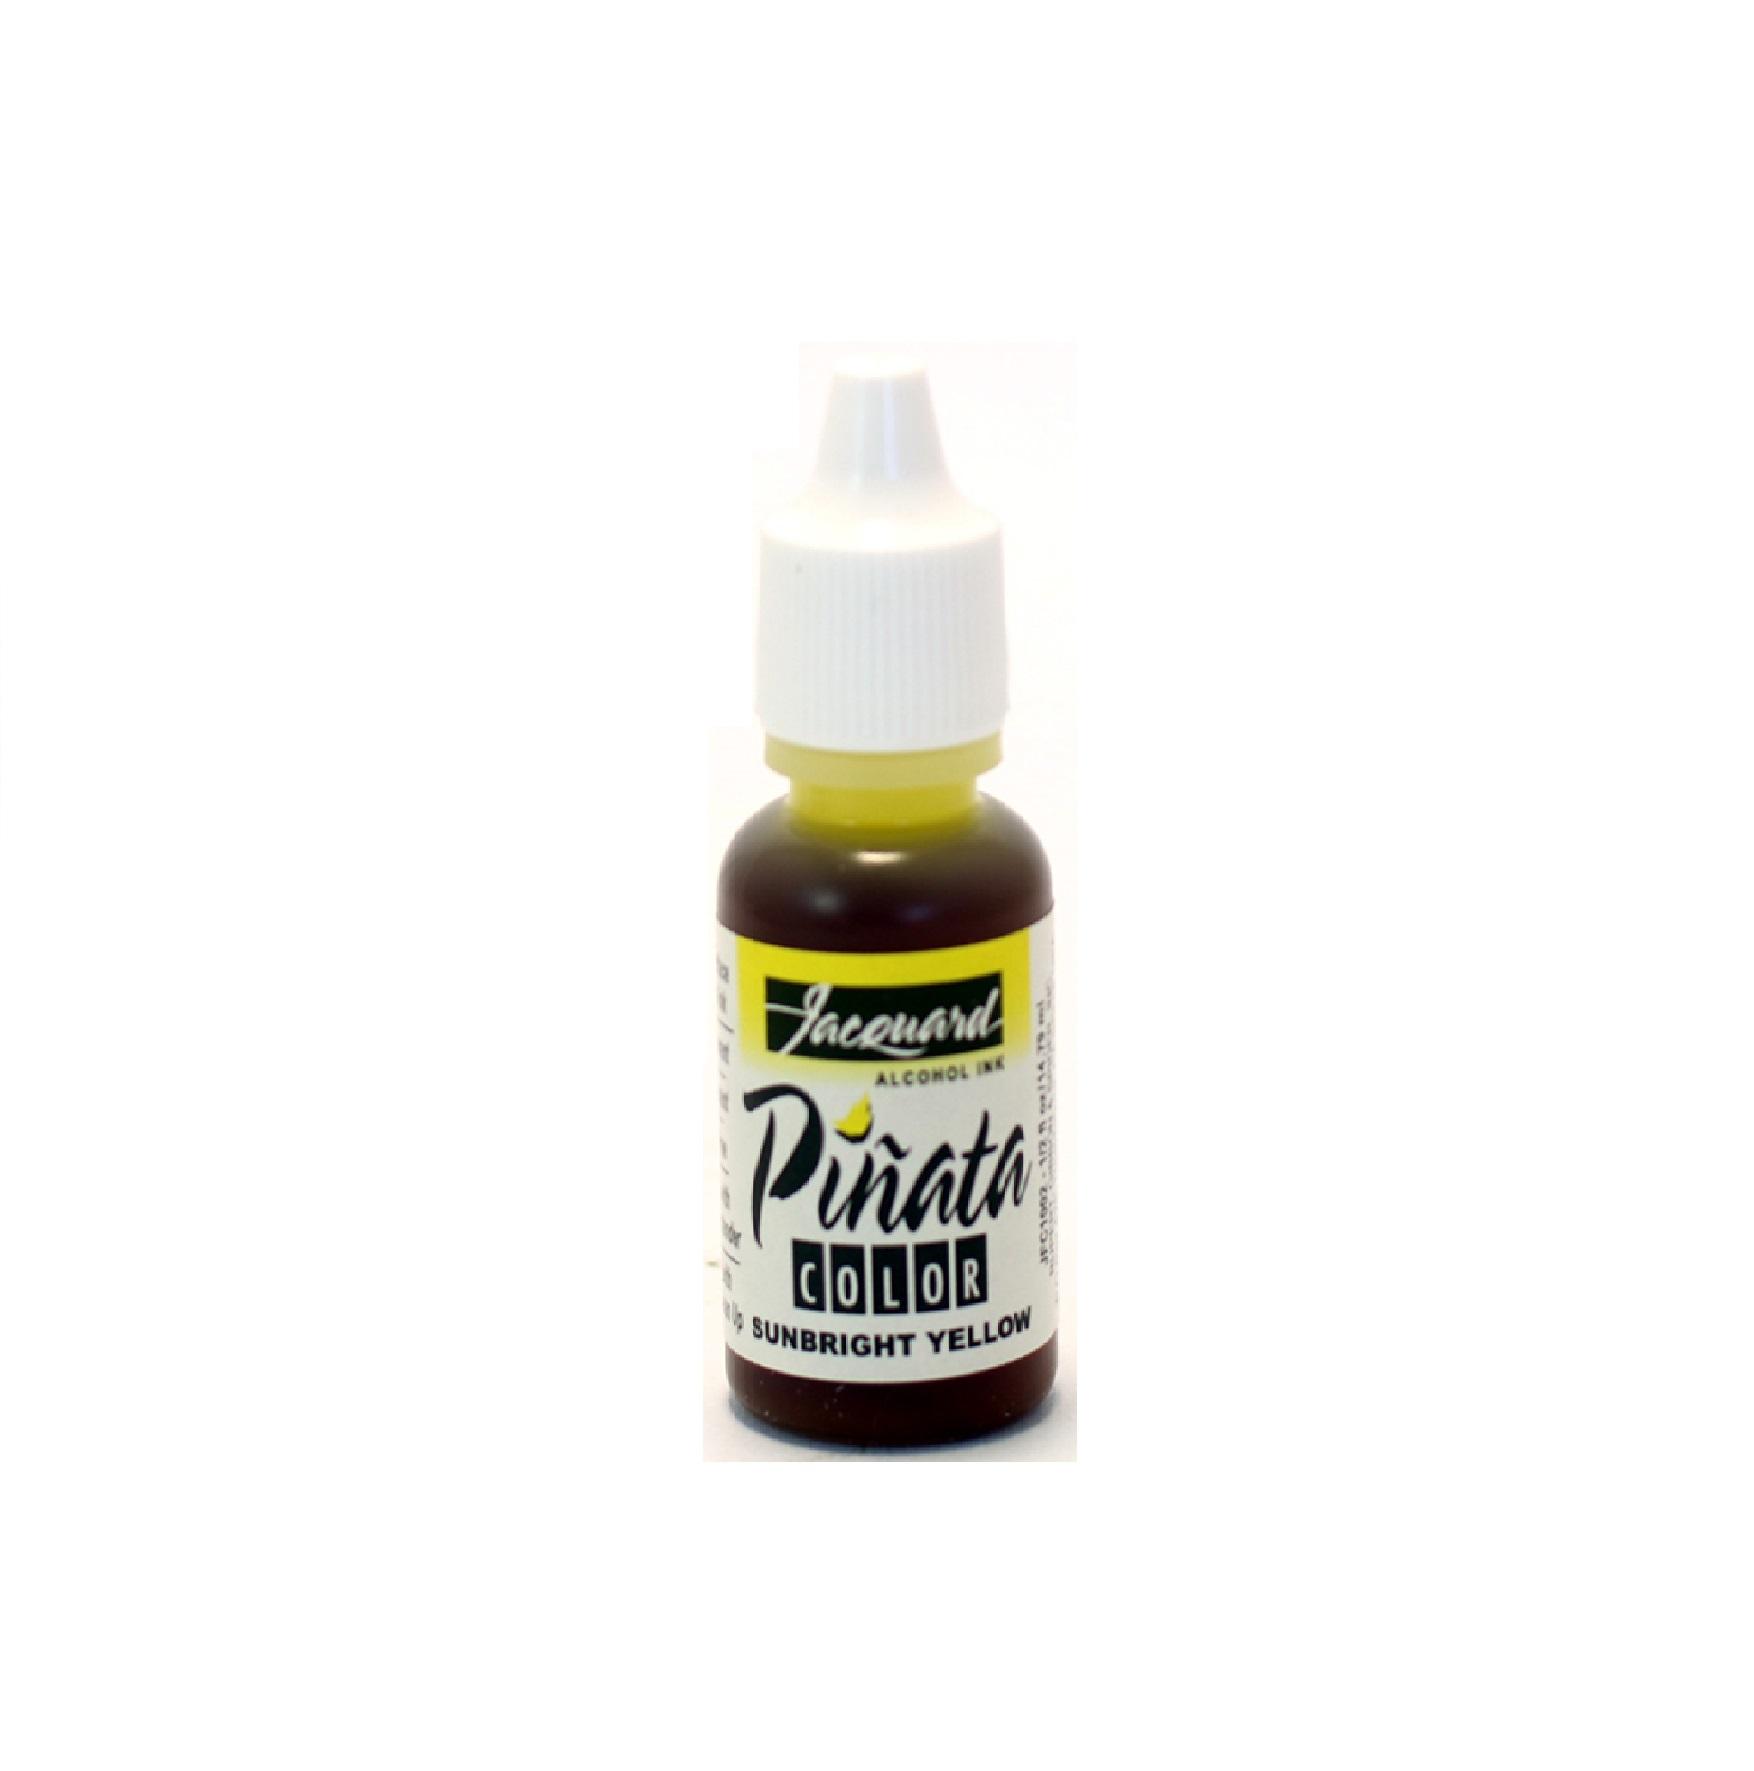 PIGMENTO PIÑATA SUNBRIGHT YELLOW X 14,17 g